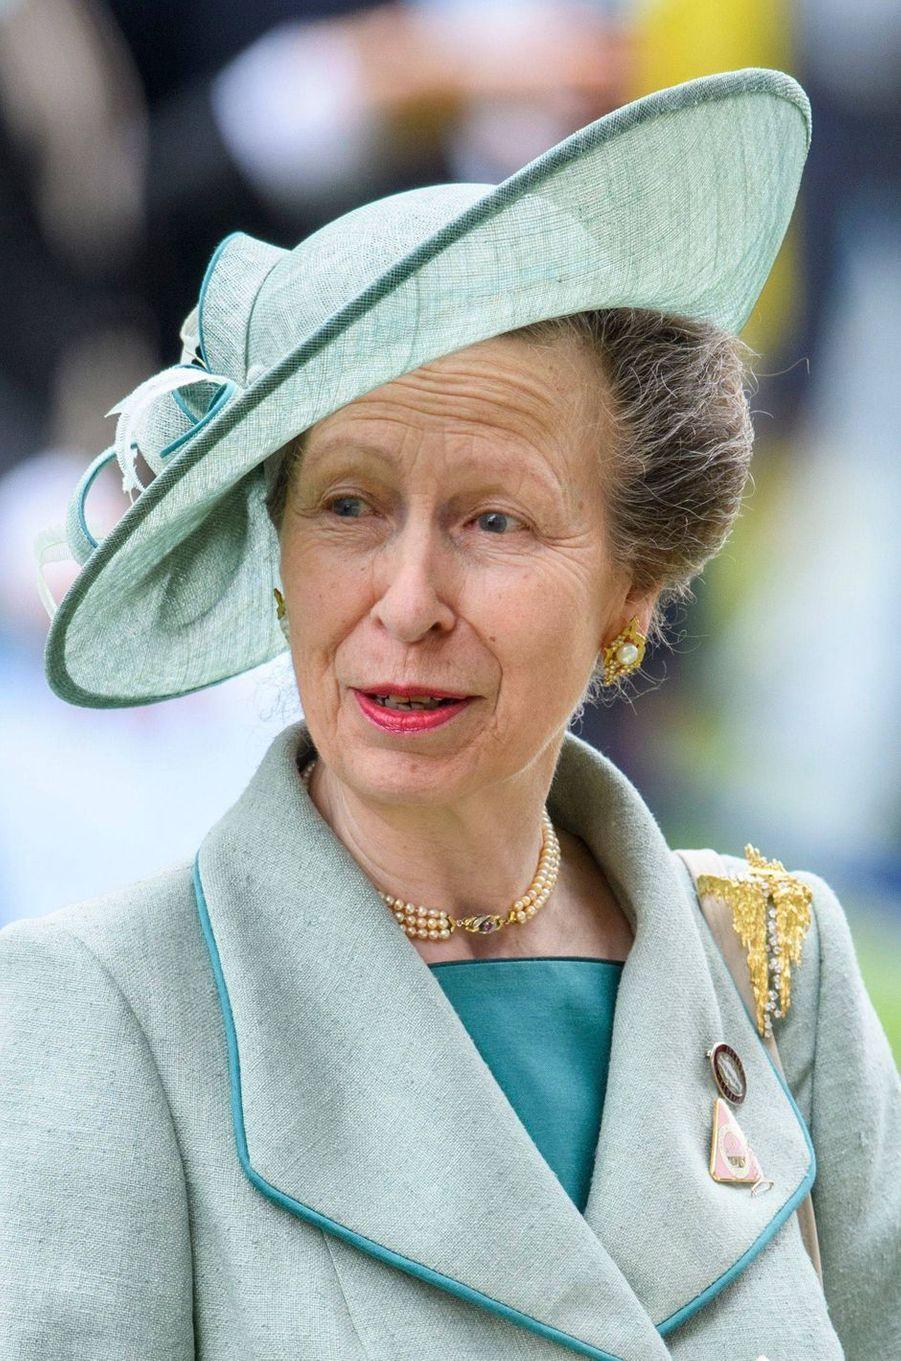 Le chapeau de la princesse Anne au Royal Ascot, le 20 juin 2019